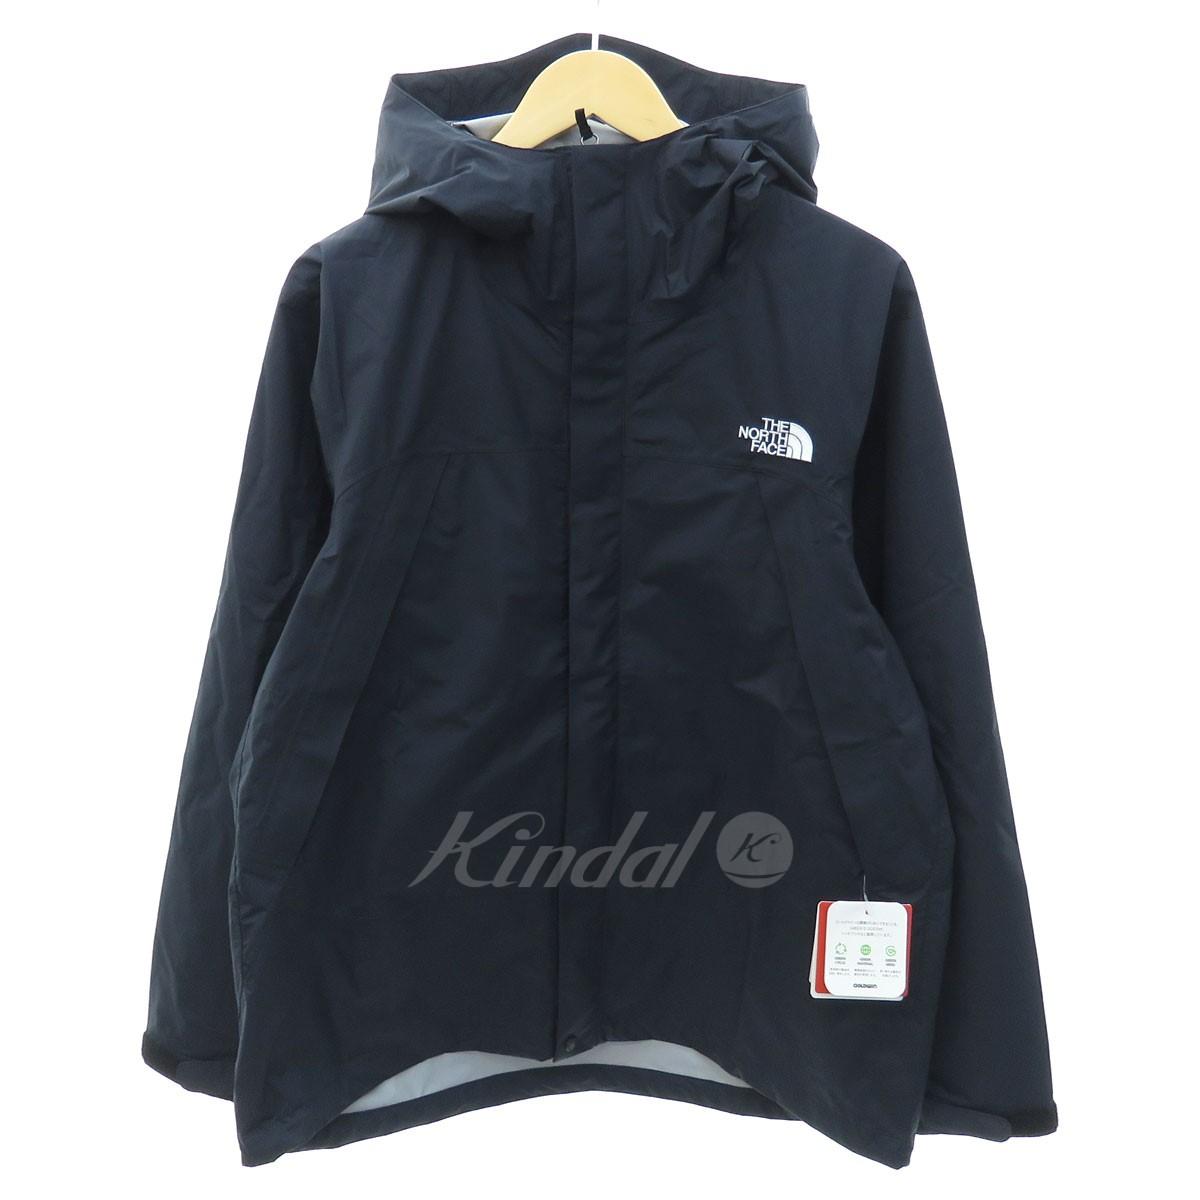 【中古】THE NORTH FACE NP61530 Dot Shot Jacket ジップアップブルゾン ブラック サイズ:XL 【送料無料】 【300918】(ザノースフェイス)